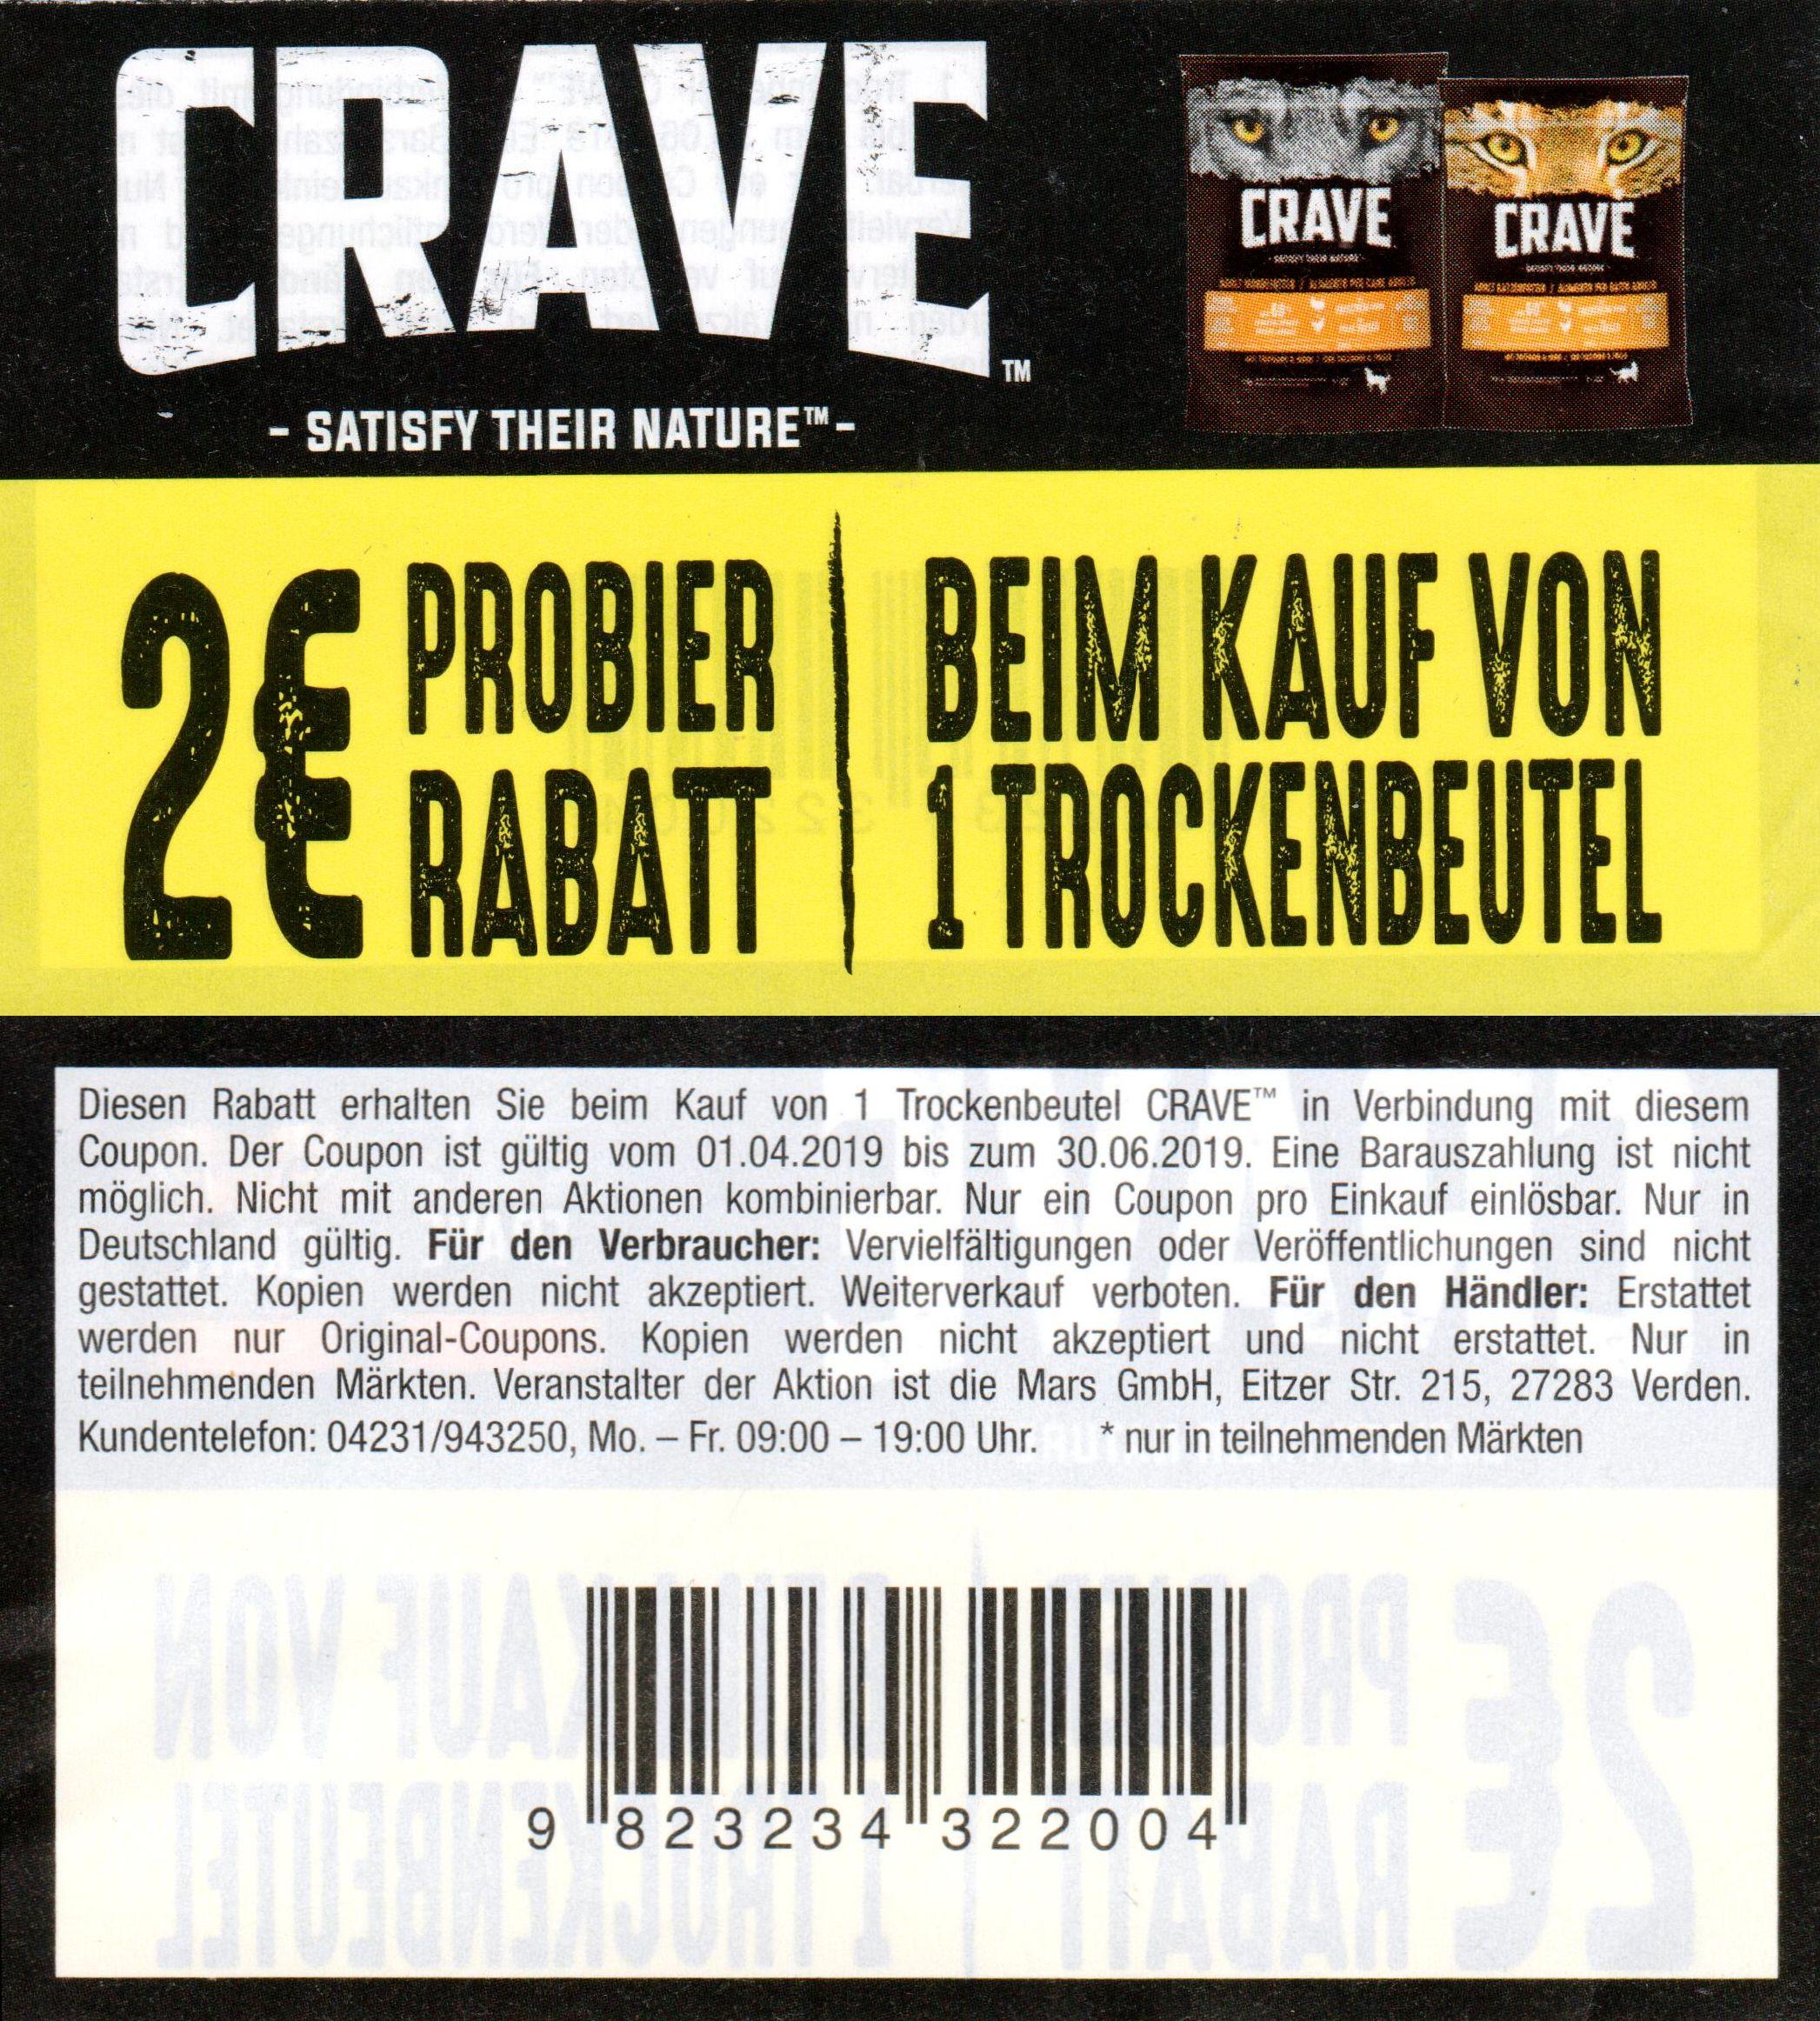 2€ Sofort-Rabatt Coupon für den Kauf eines CRAVE Trockenbeutels bis 30.06.2019